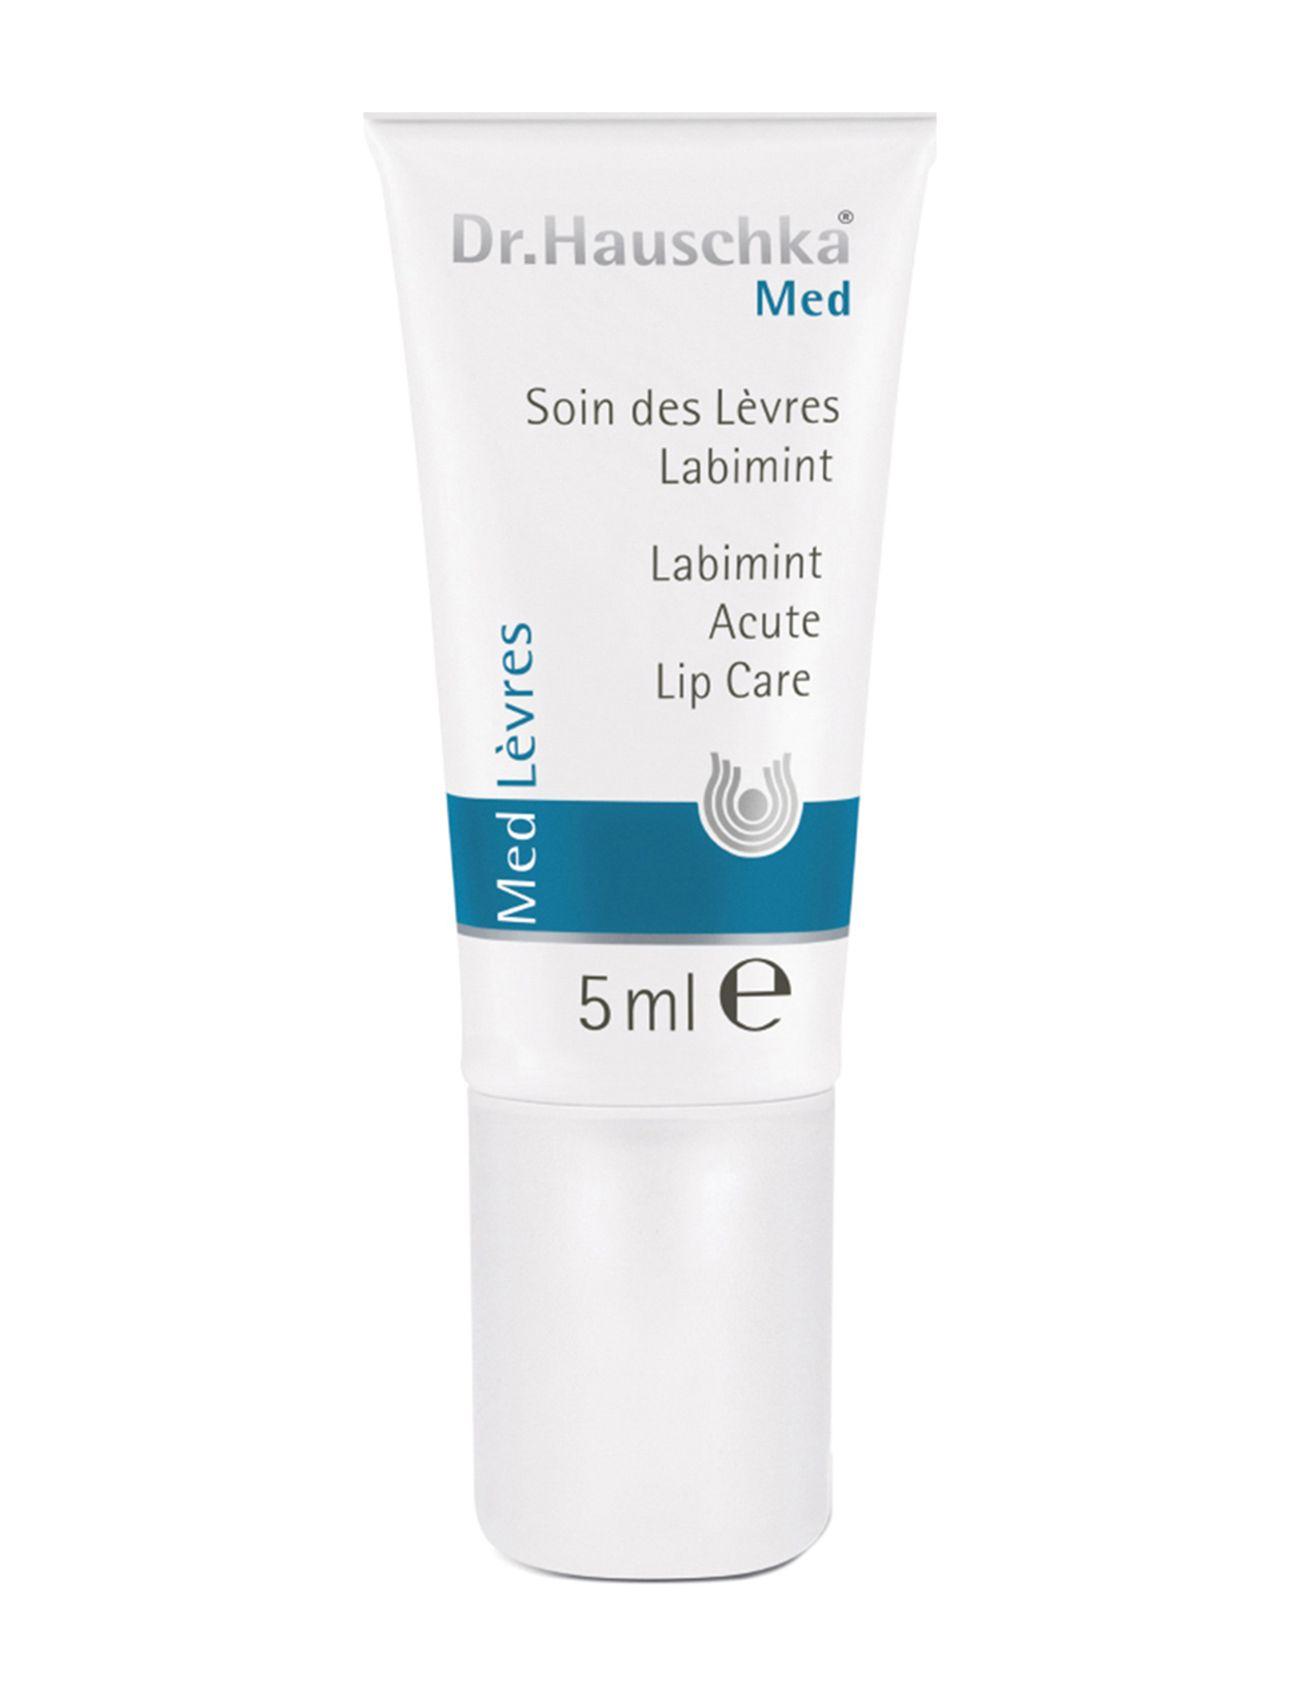 Image of Med Soothing Lip Care 5 Ml Læbepleje Makeup Nude Dr. Hauschka (3303360747)